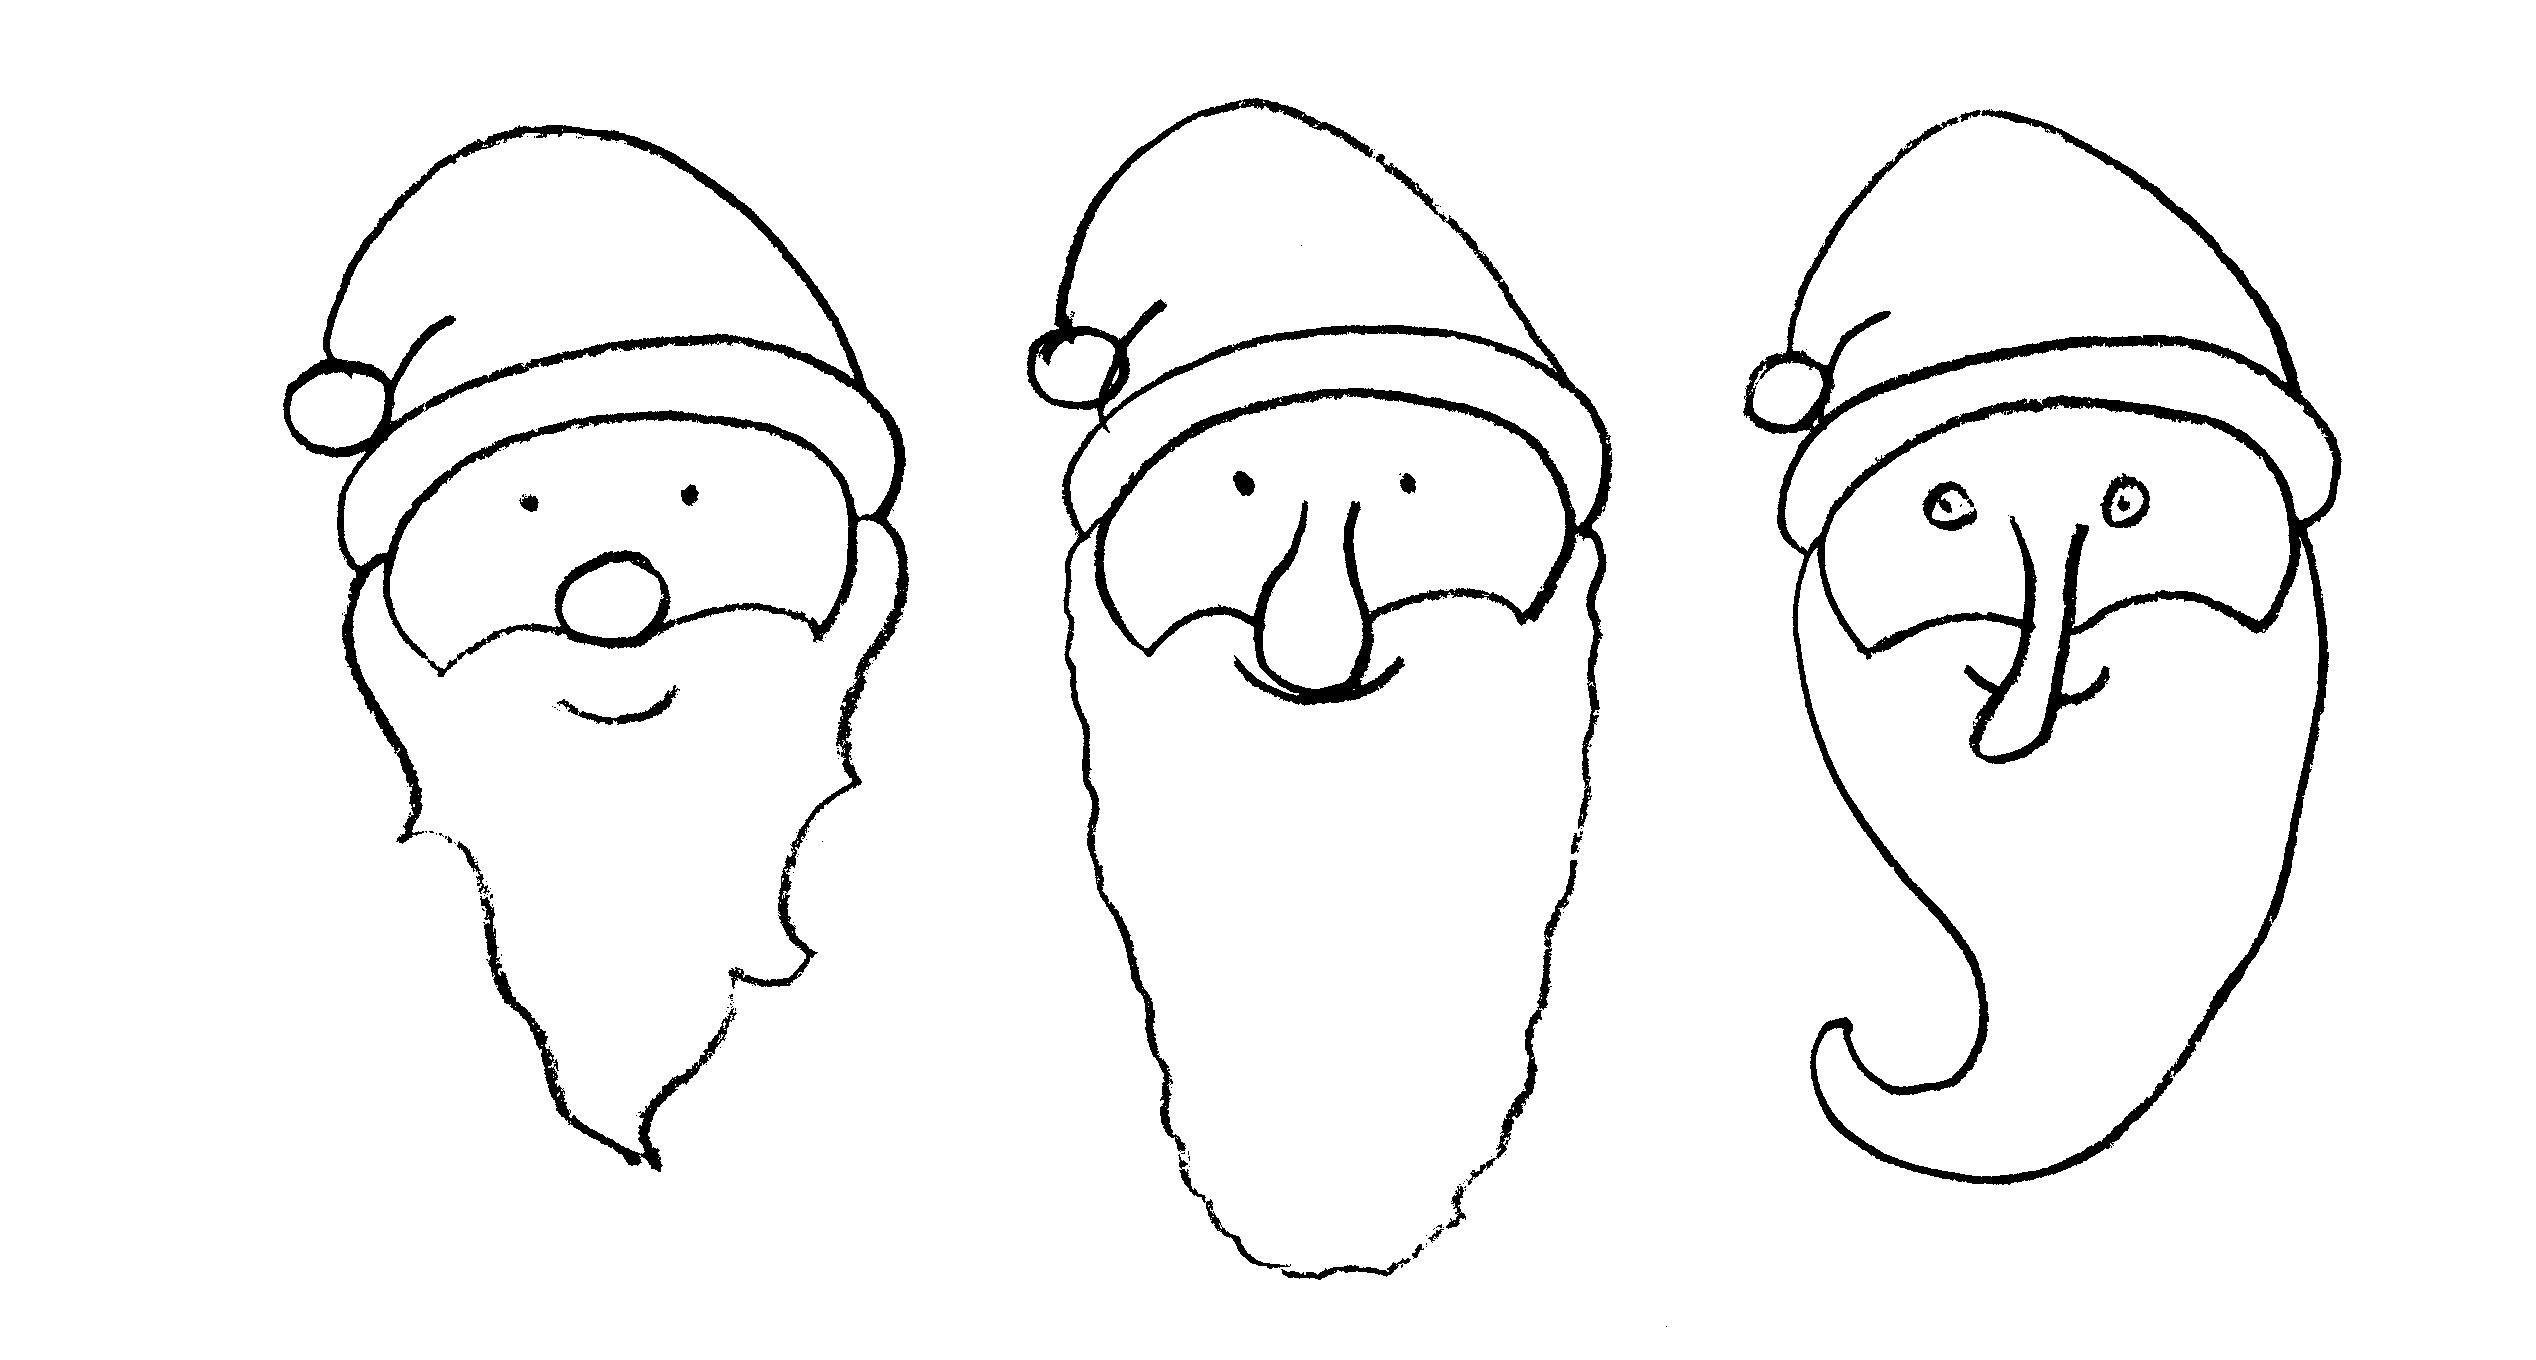 how to draw a dwarf